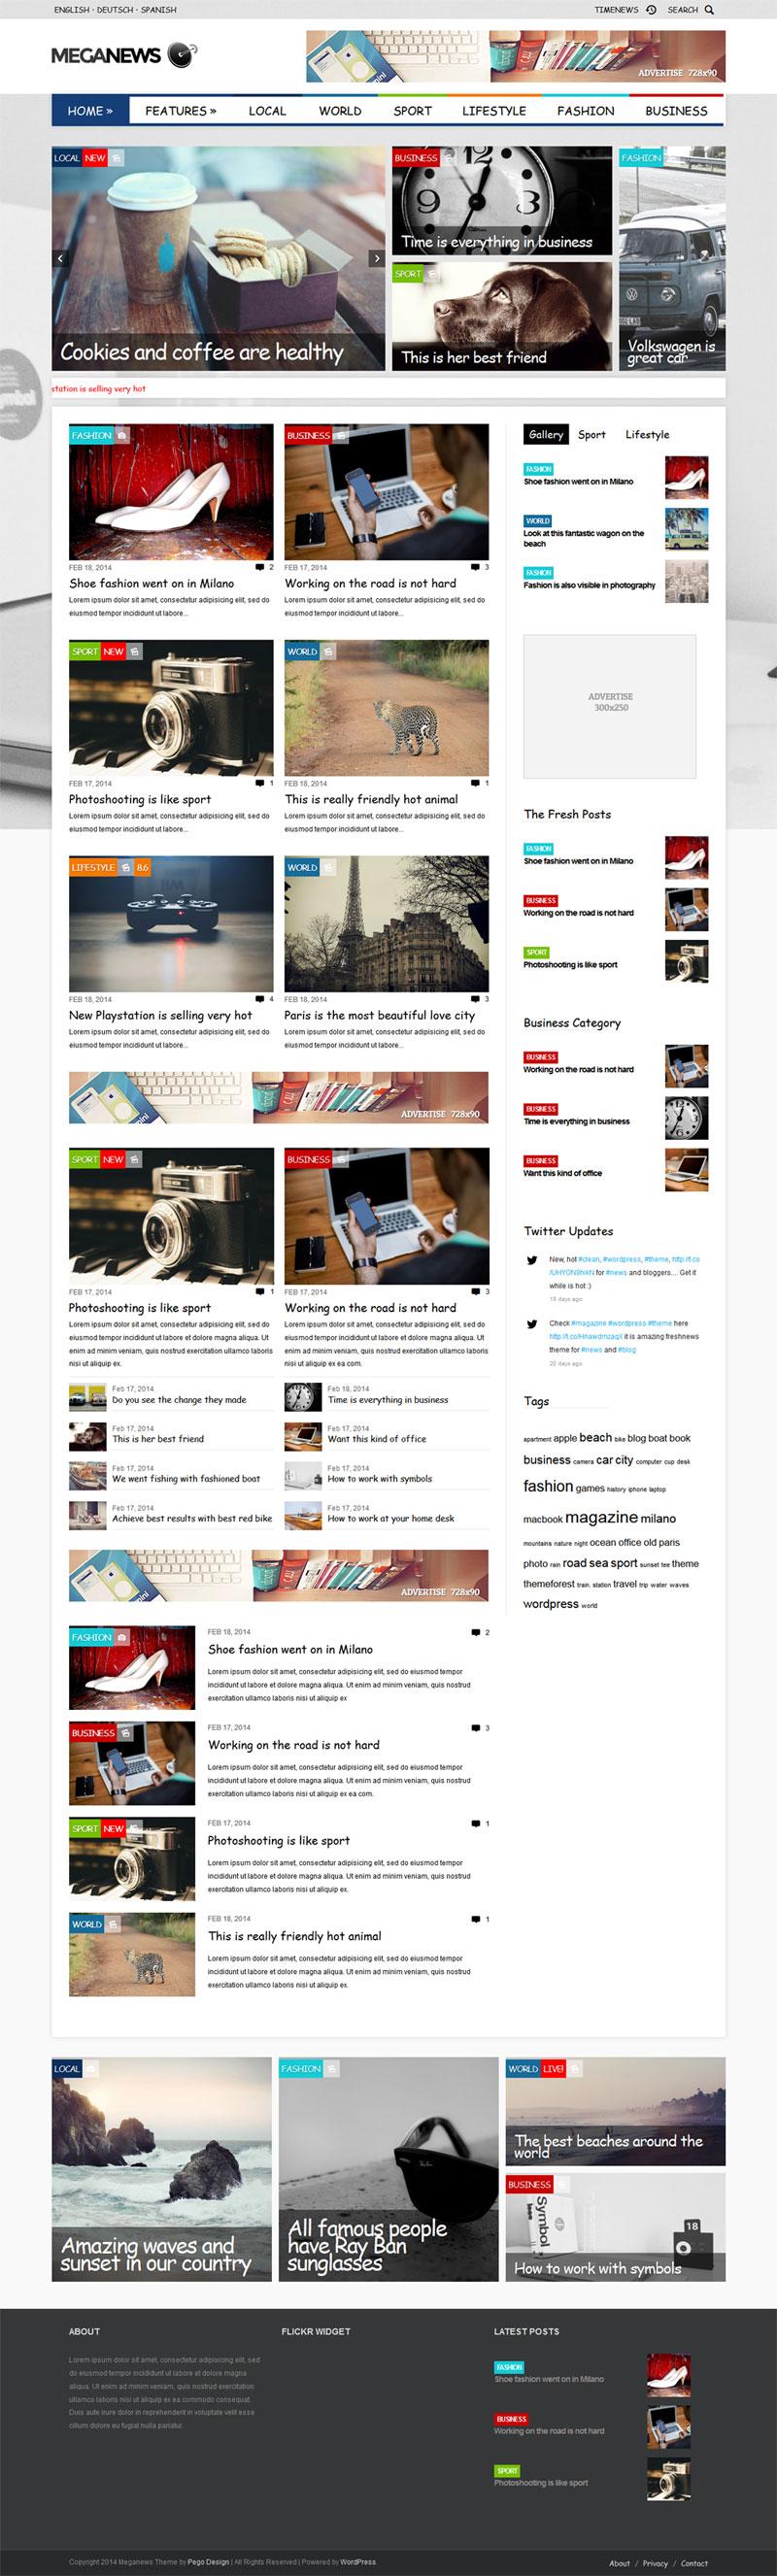 高级WordPress CMS新闻杂志主题Meganews